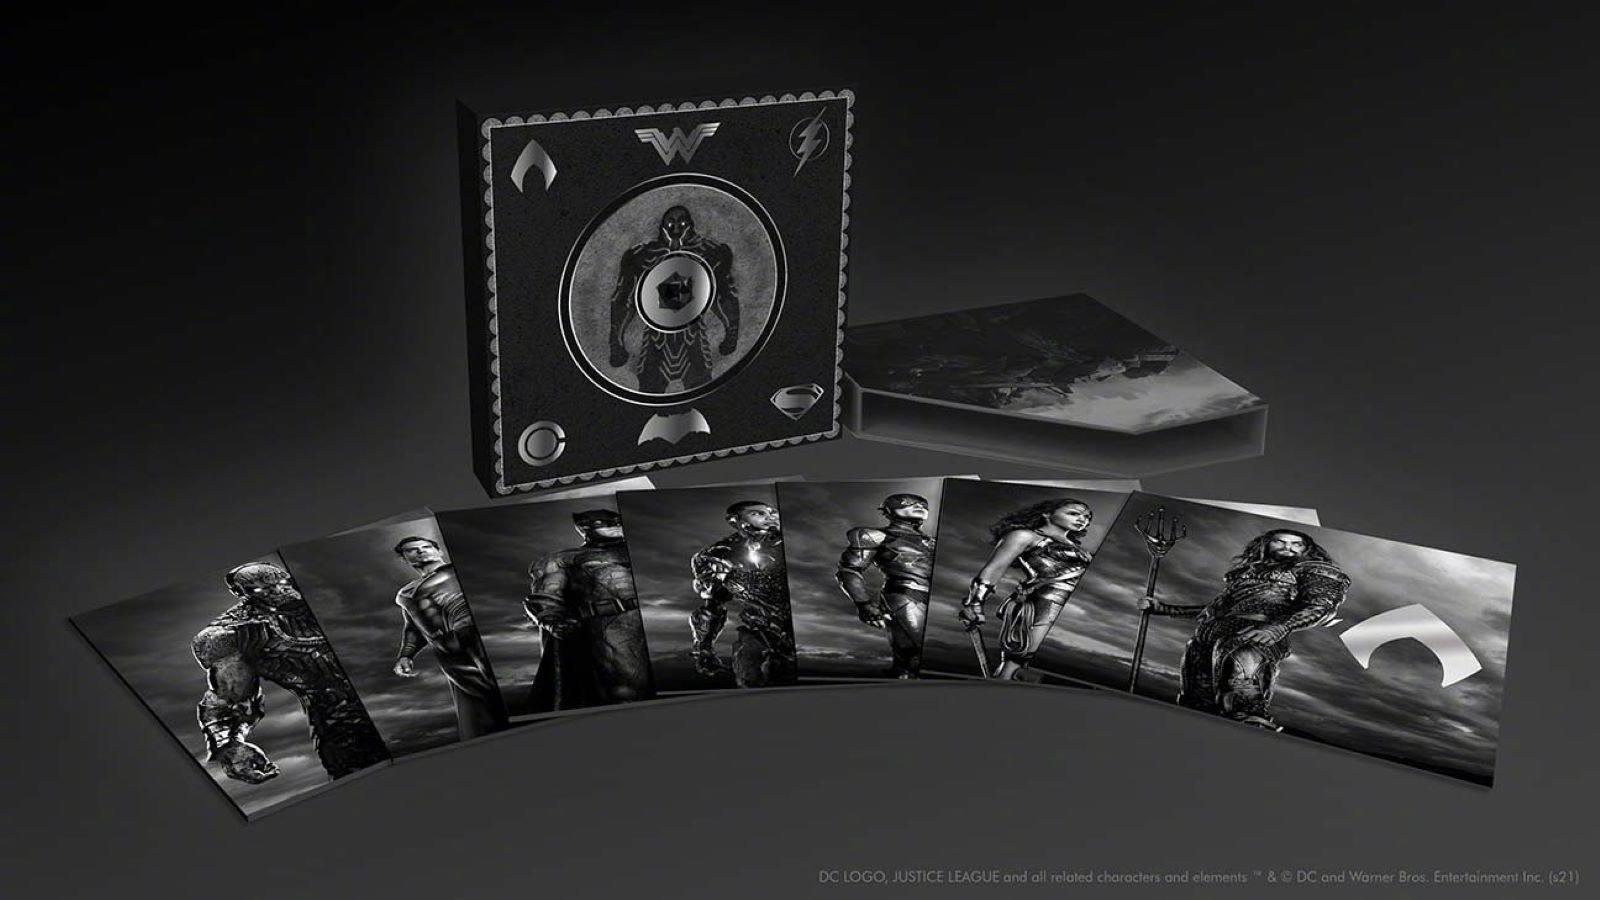 Mondo将发行《扎克·施耐德剪辑版正义联盟》电影原声黑胶套盒